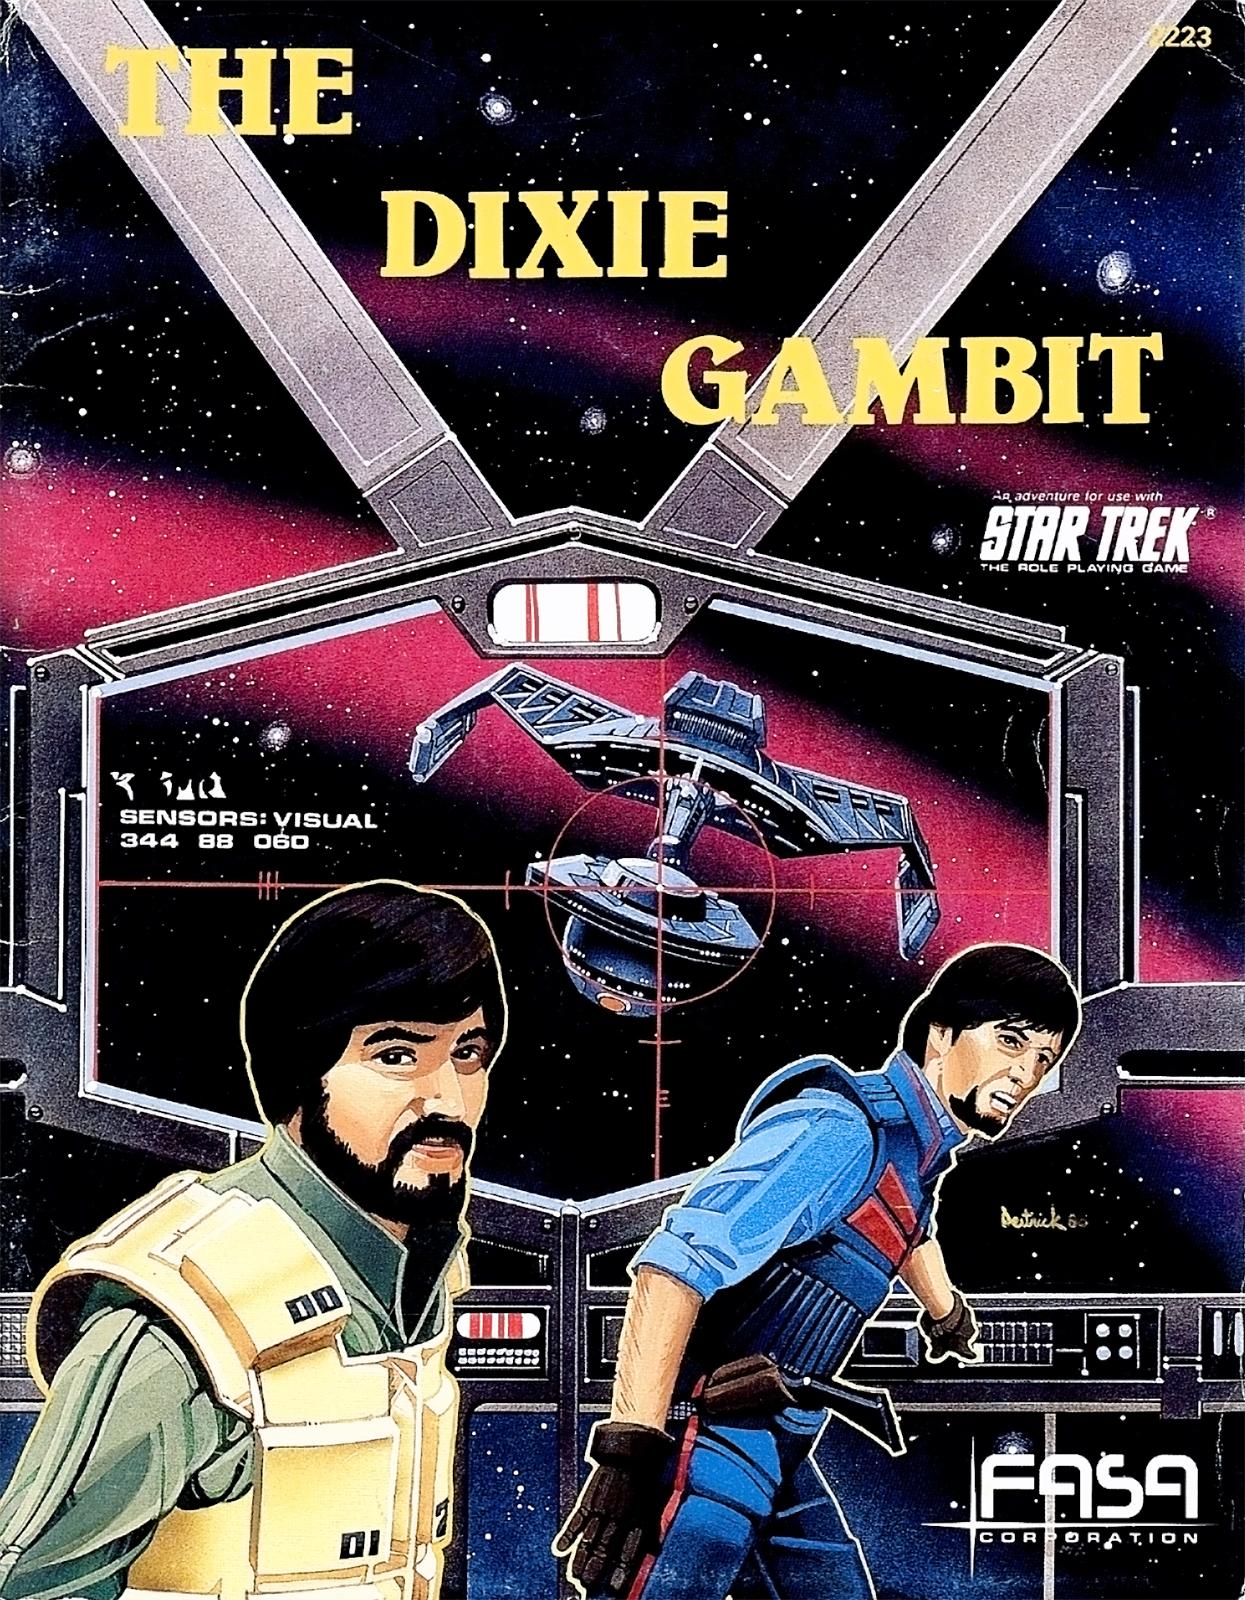 The Dixie Gambit